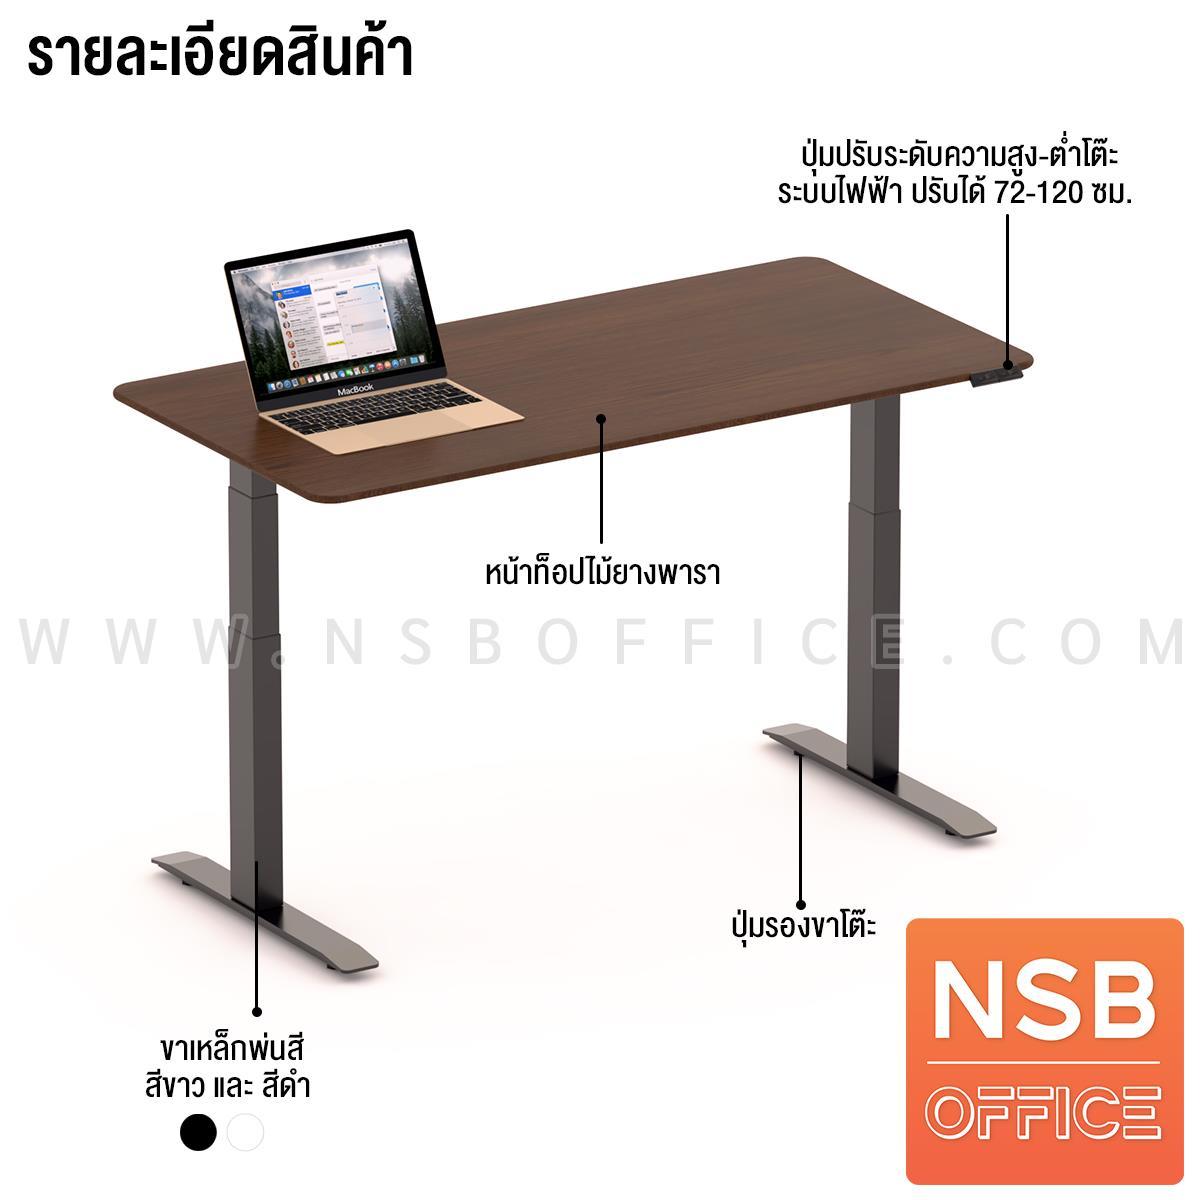 โต๊ะทำงาน Sit 2 Stand ระบบไฟฟ้า  รุ่น Civic (ซีวิค)  ขนาด 150W, 180W cm. หน้าท็อปไม้ยางพารา